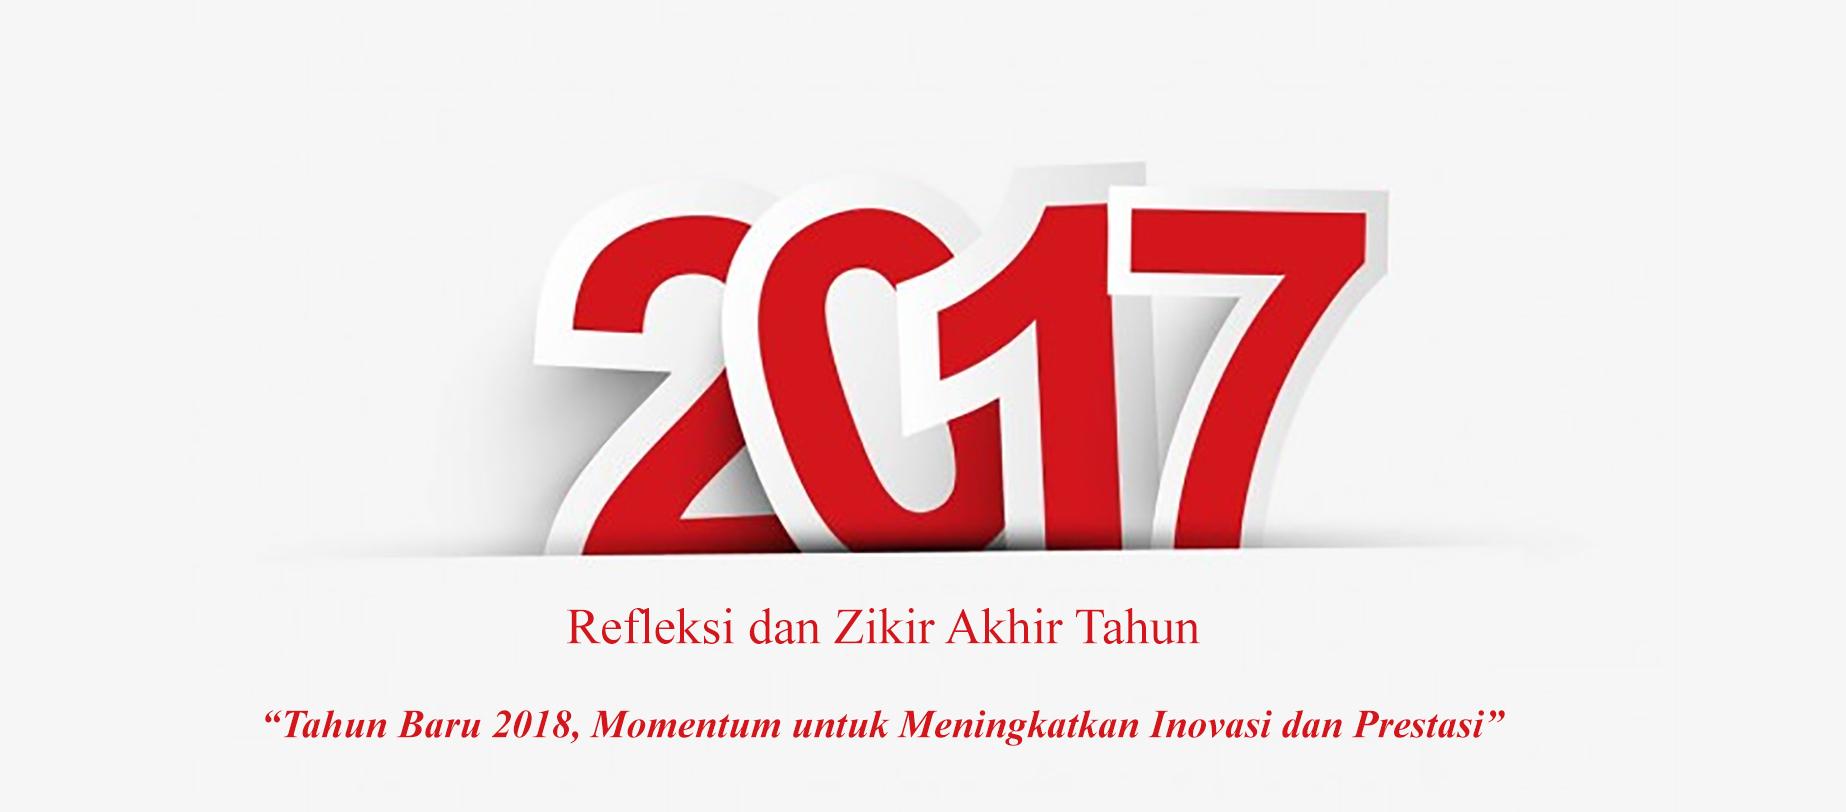 Refleksi & Zikir Akhir Tahun 2017